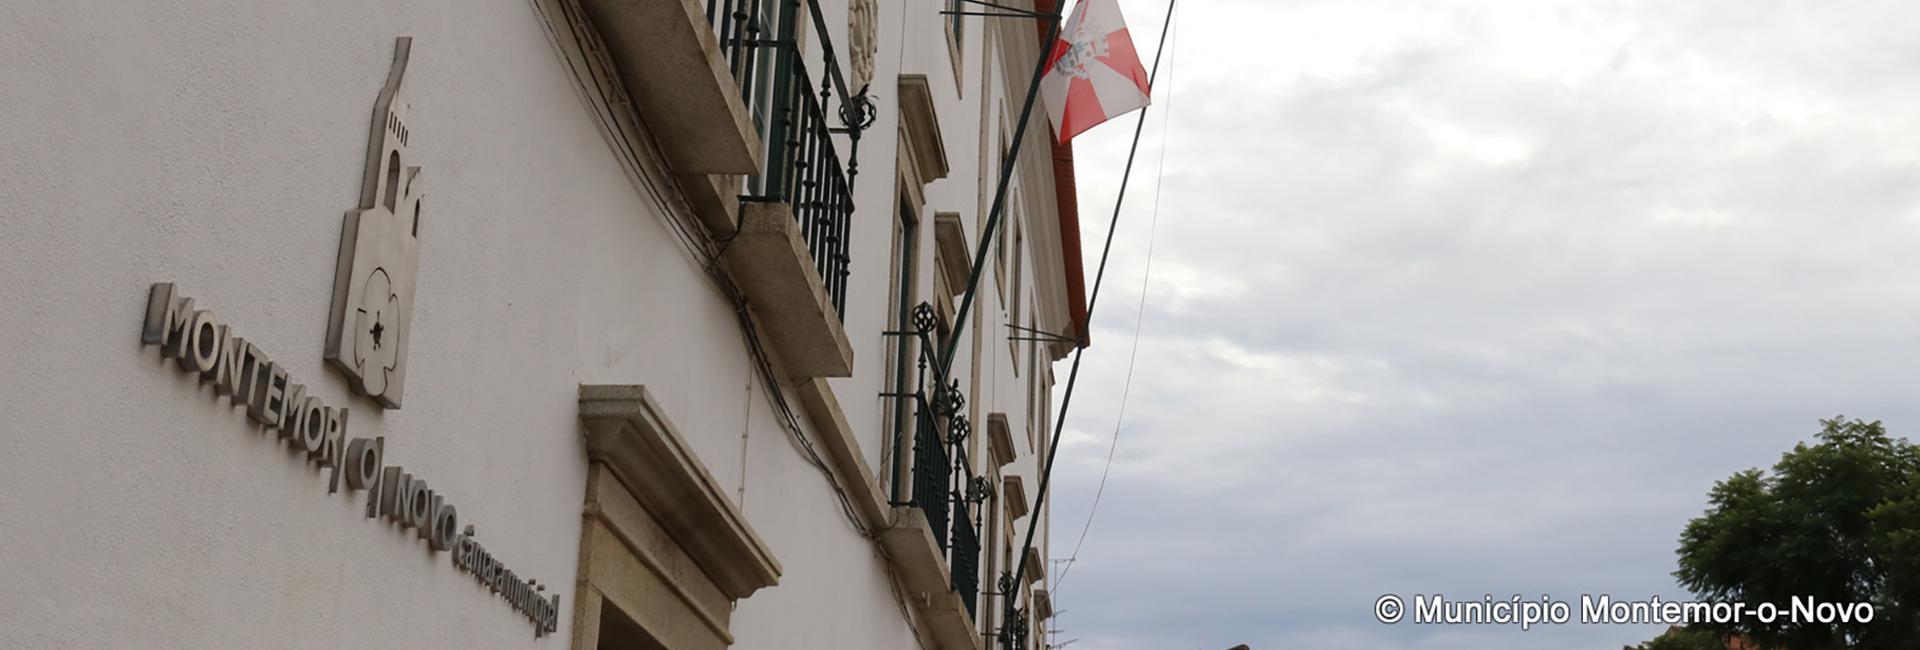 edificio_banner